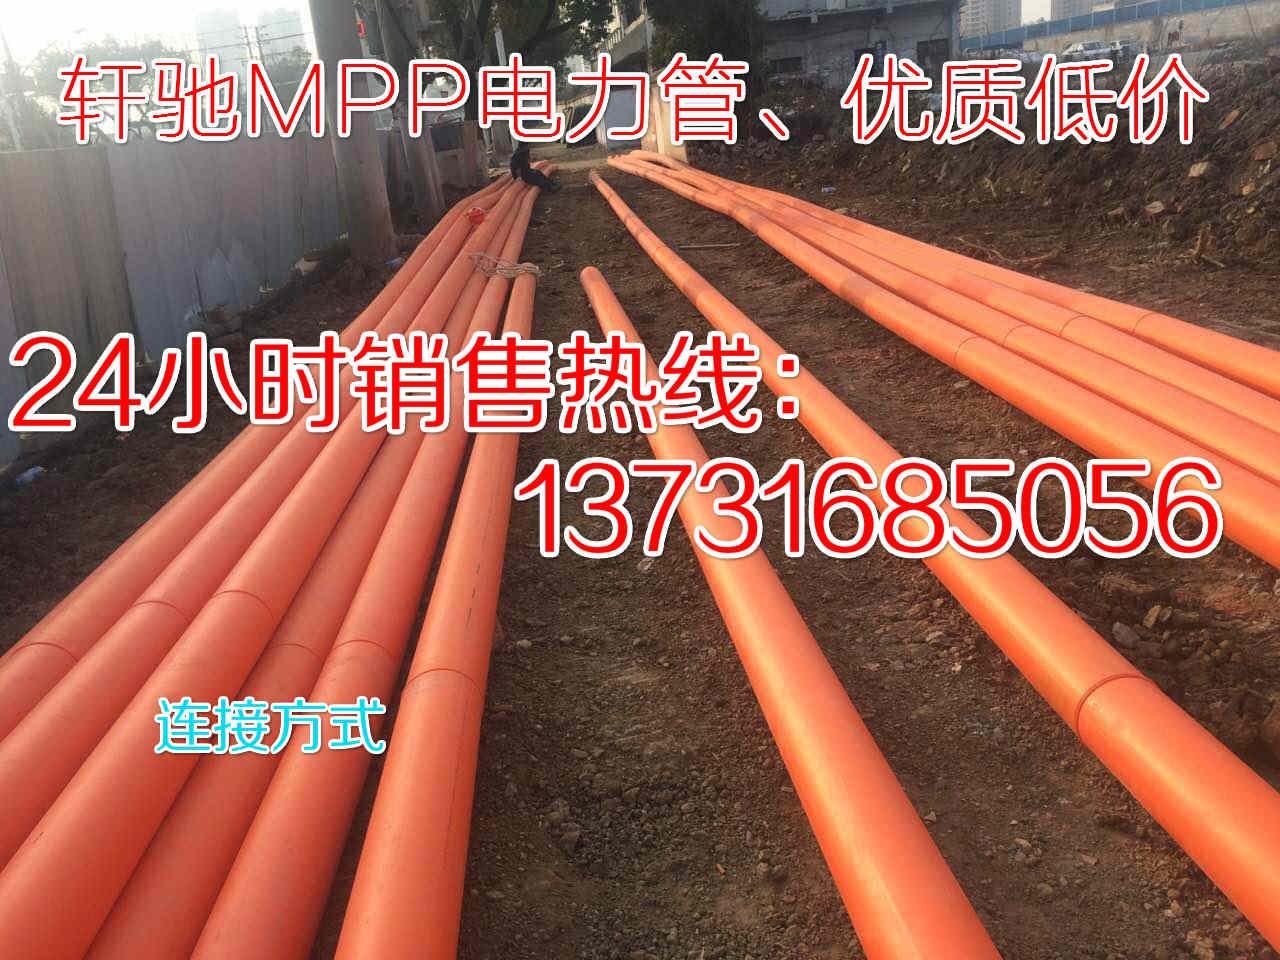 德州哪里有卖mpp电力管的枣庄mpp电力电缆管厂家价格